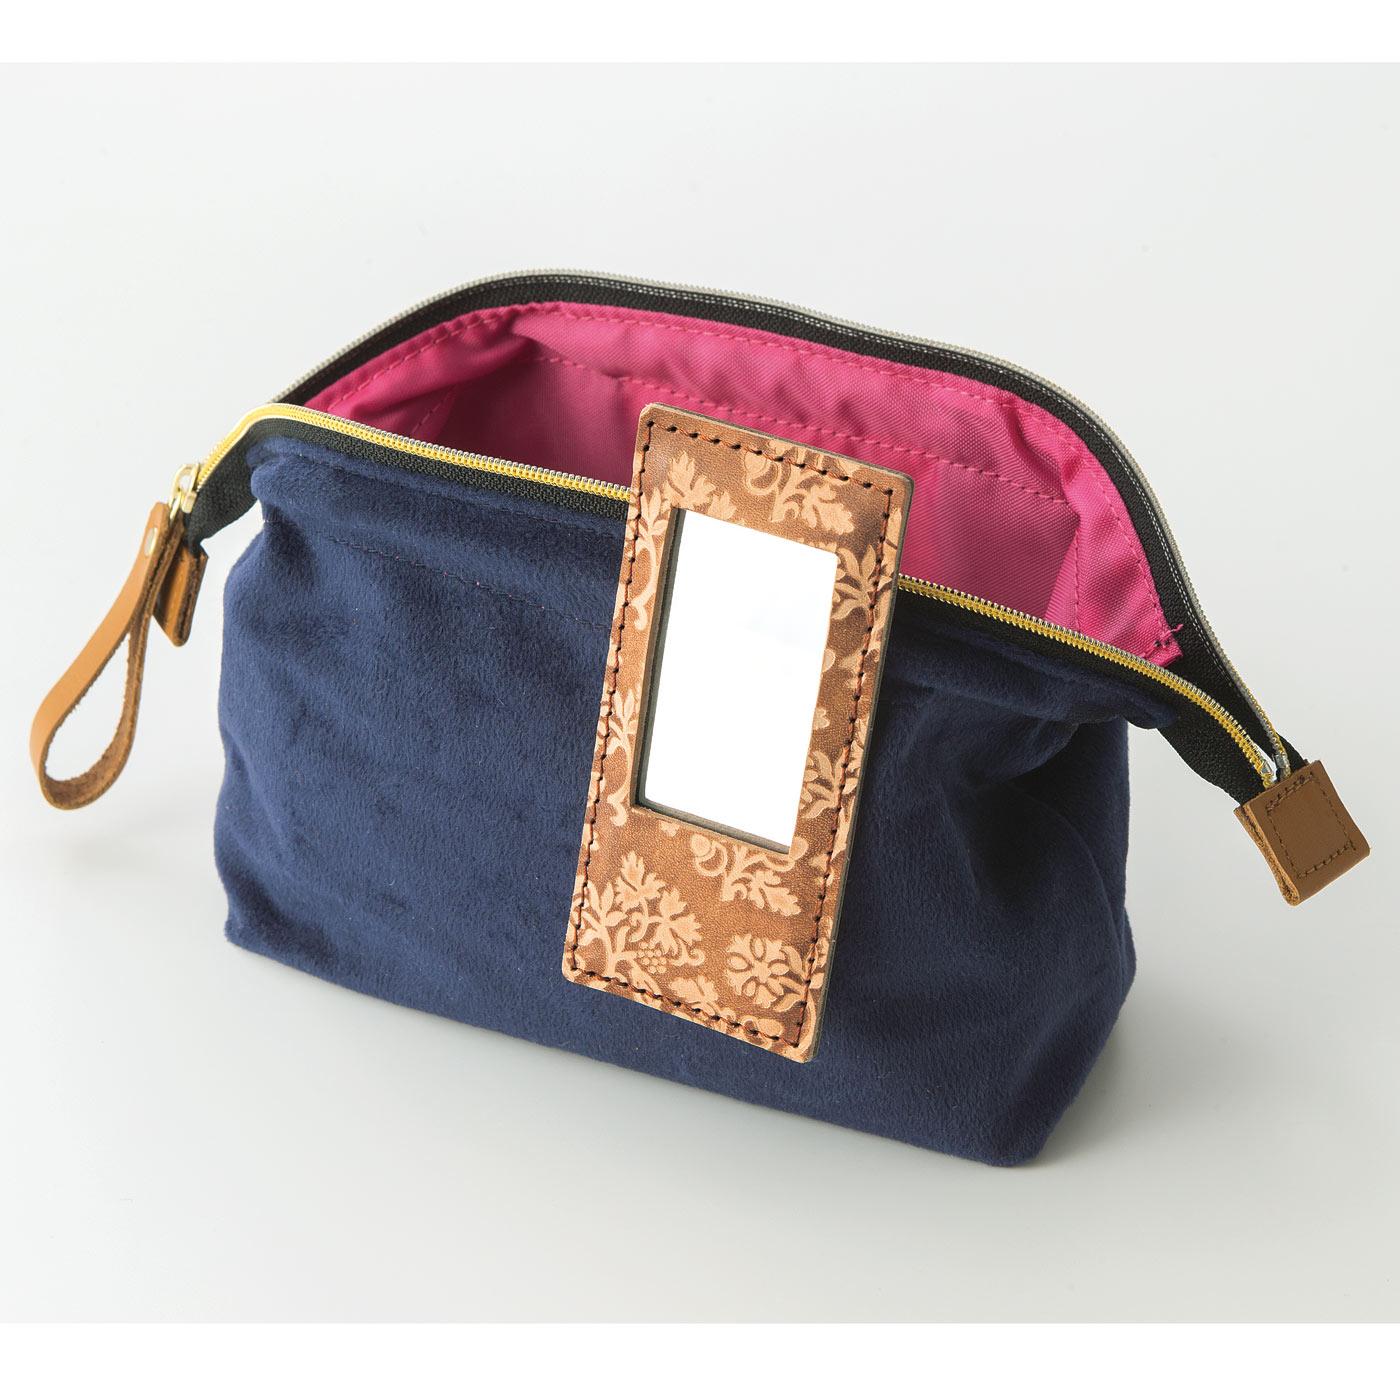 ポーチ、メイクボックス、バッグの内ポケットなどに取り付けて。